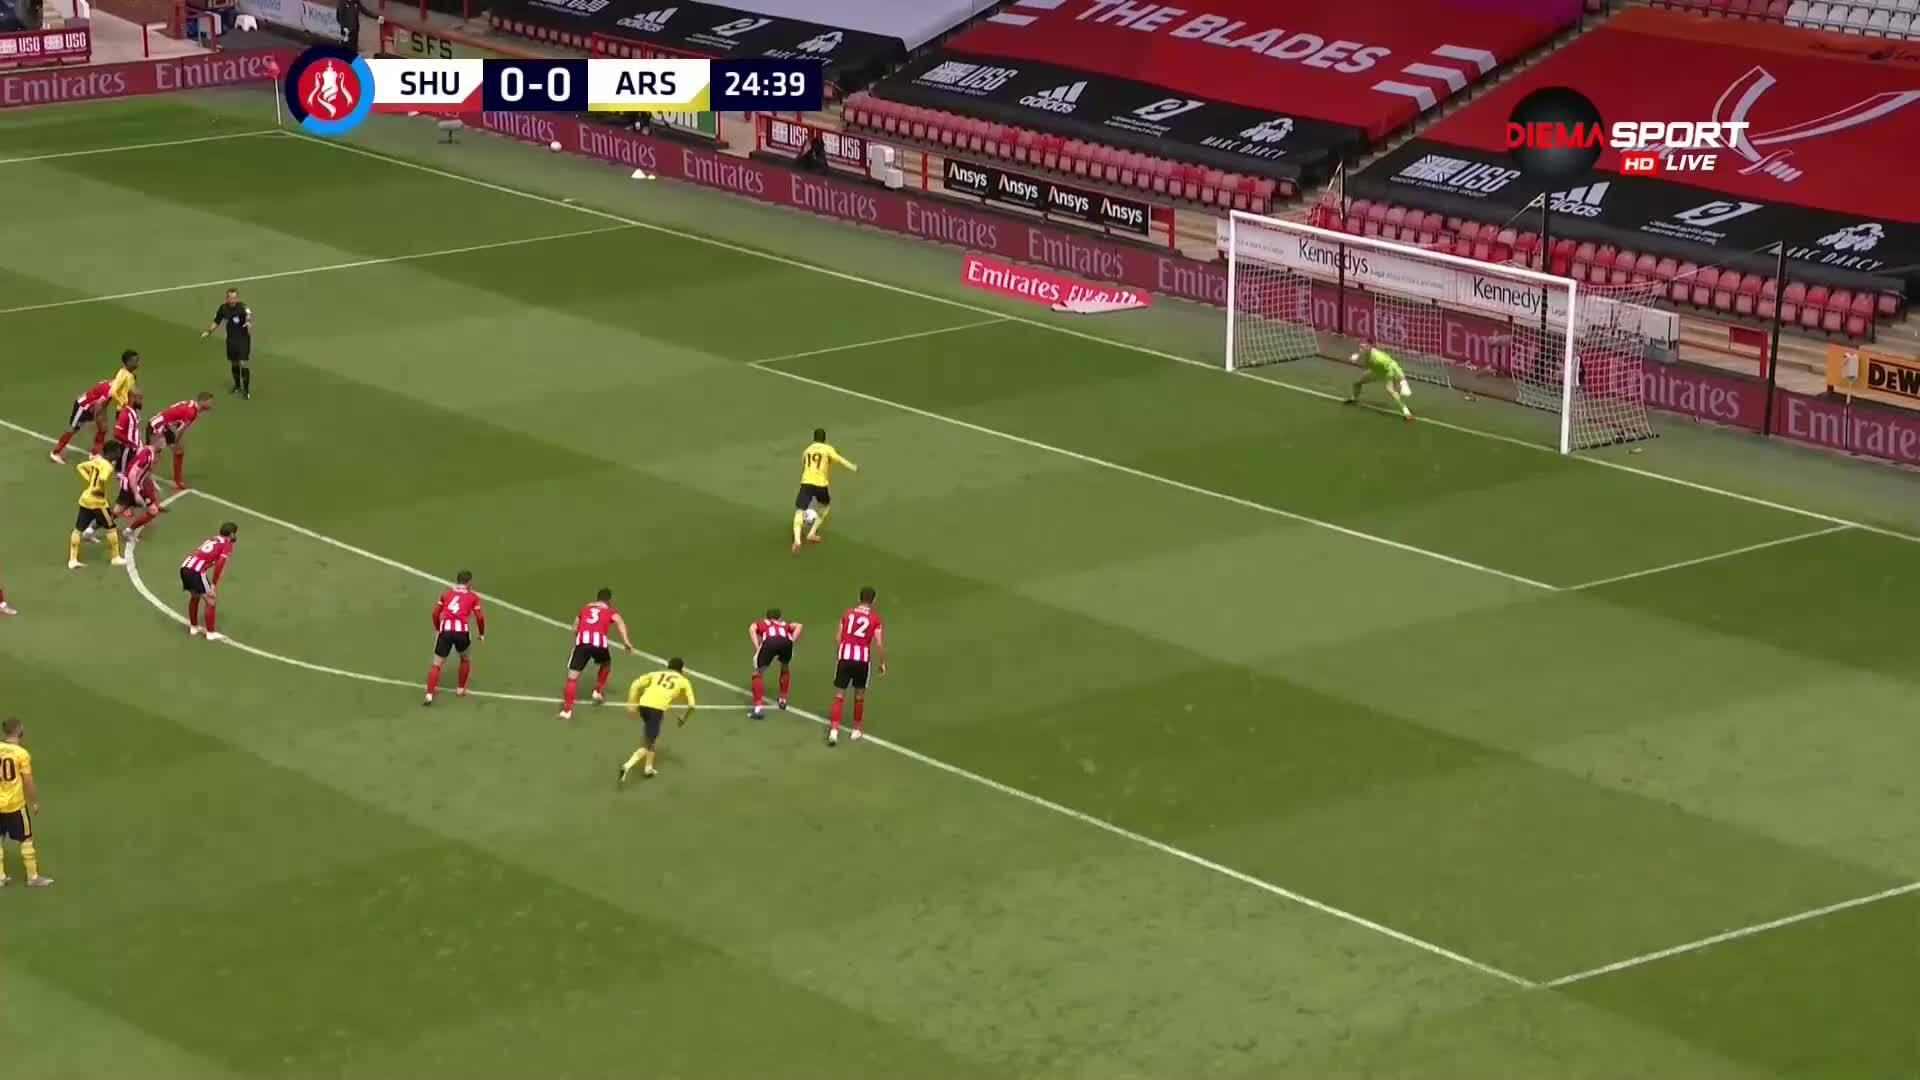 Шефилд Юнайтед - Арсенал 1:2 /репортаж/